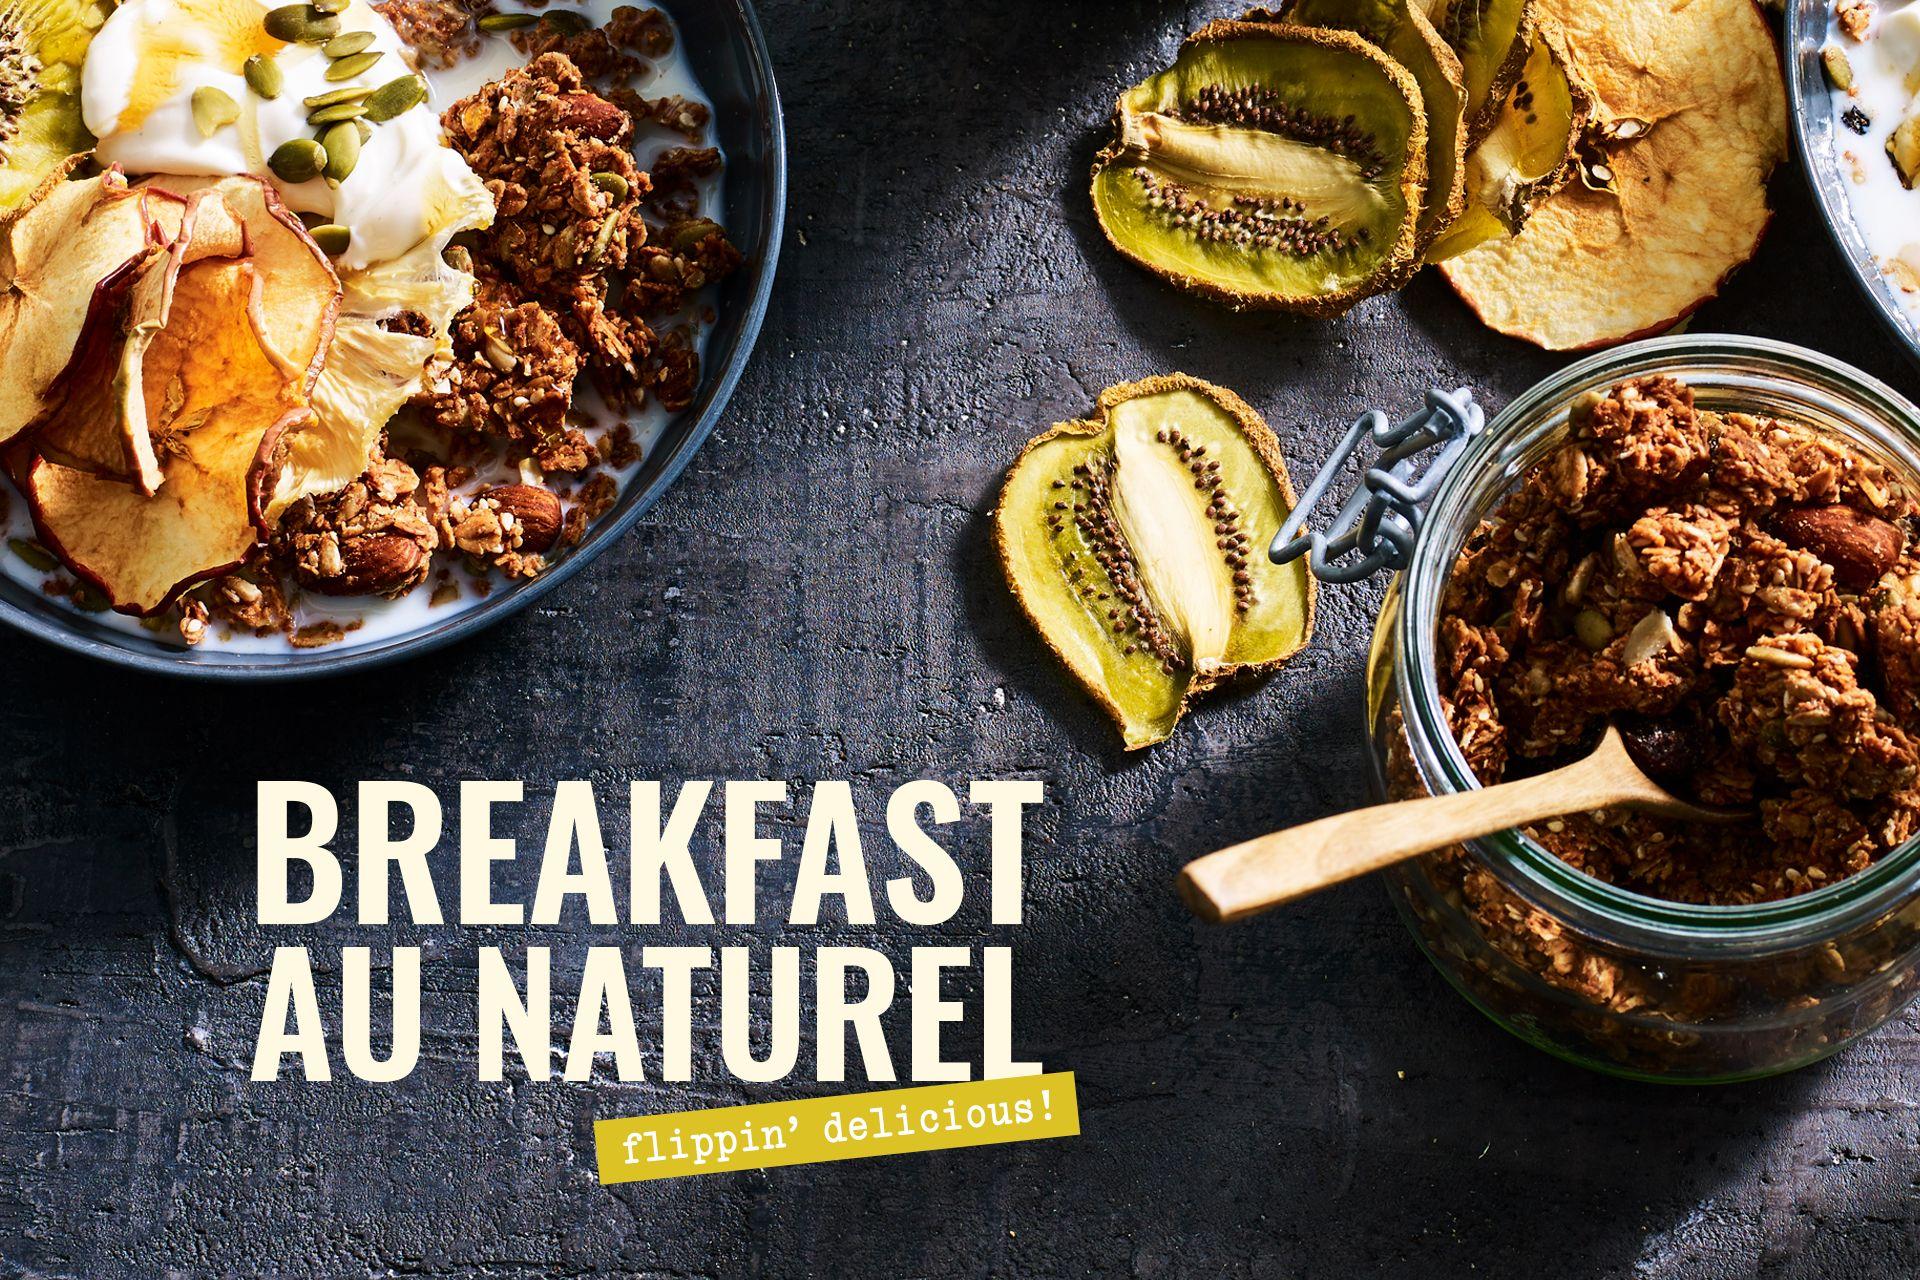 Nudus Breakfast Au Natural Branding